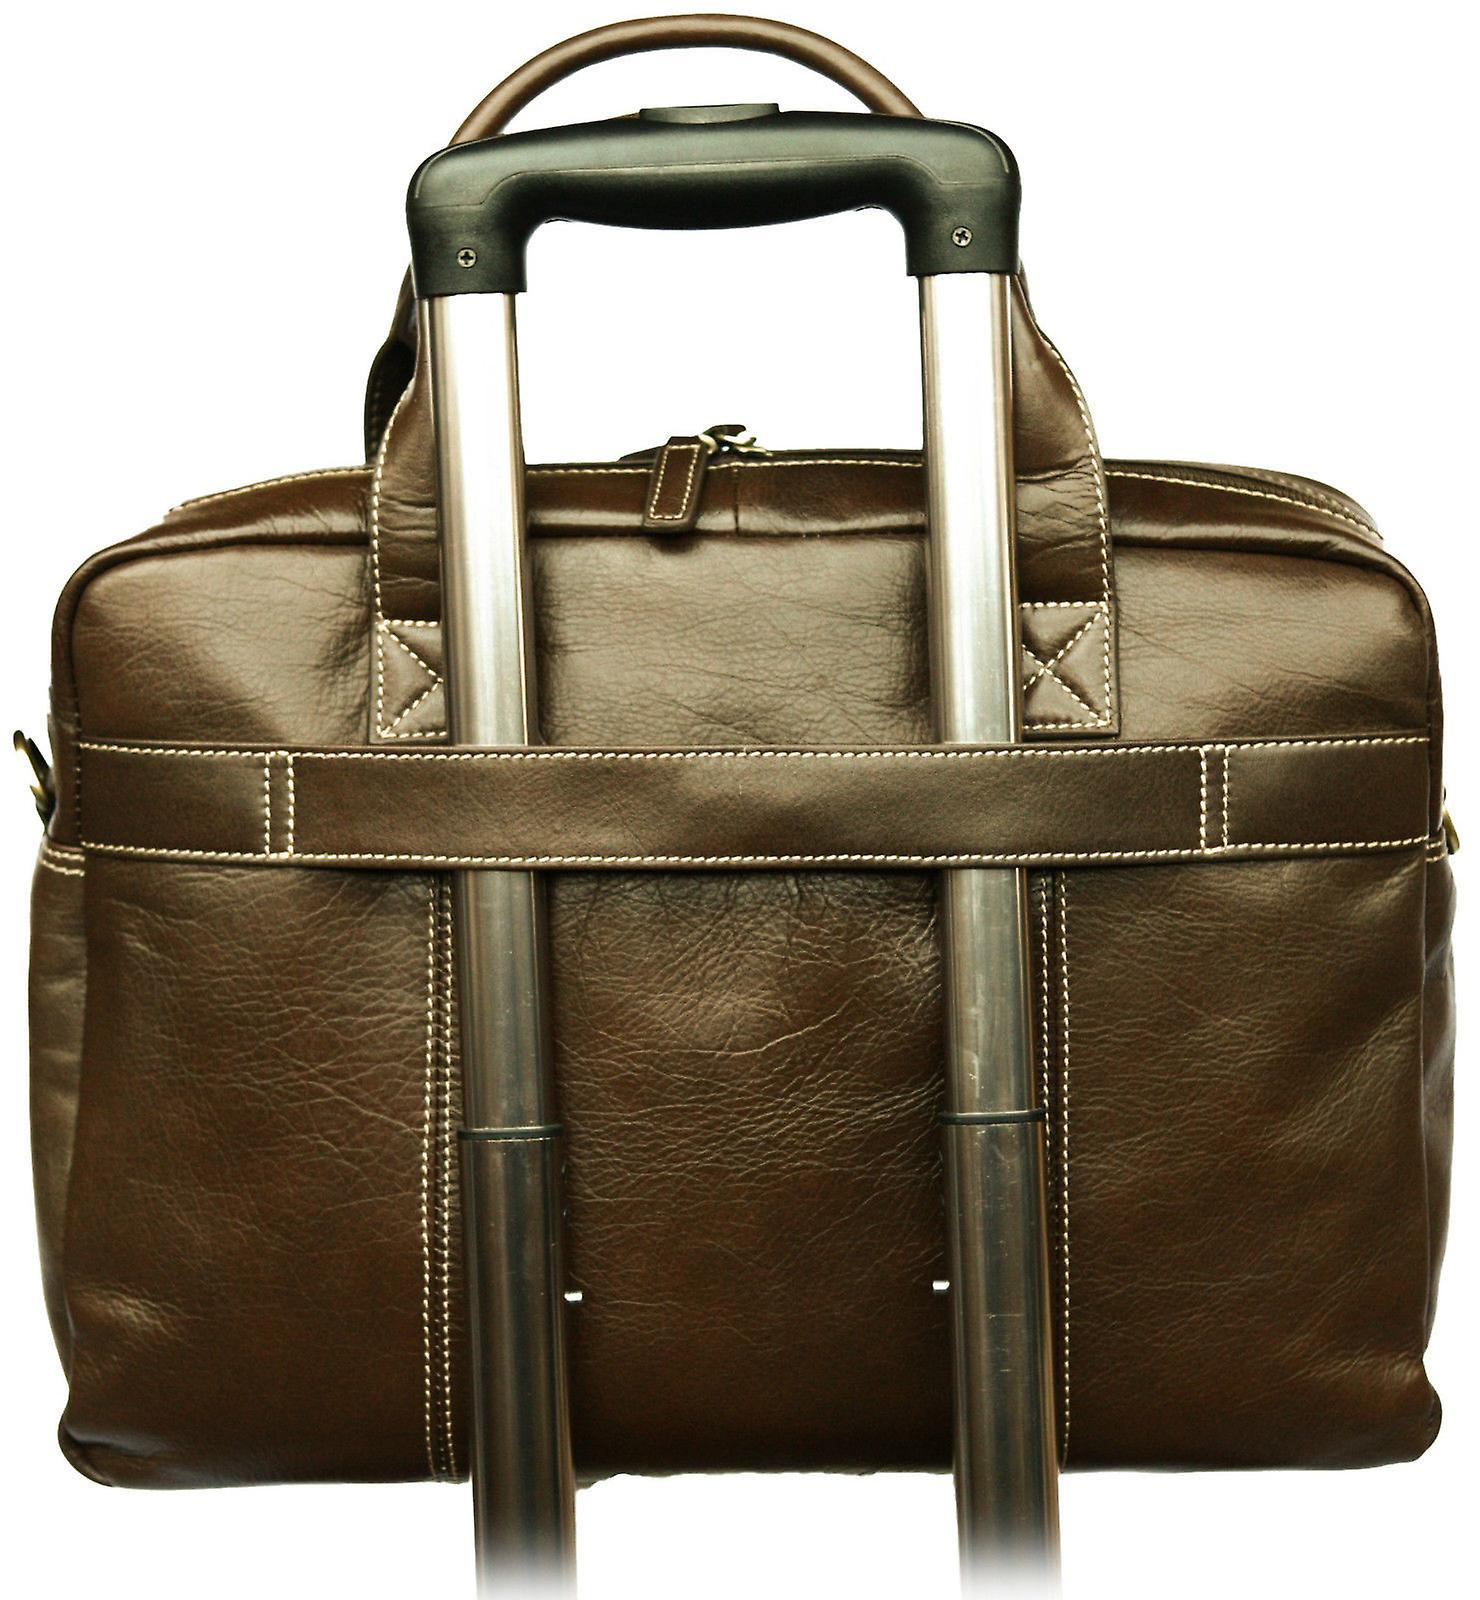 Leather Briefcase Business Laptop Bag Messenger Work Soft Shoulder Satchel